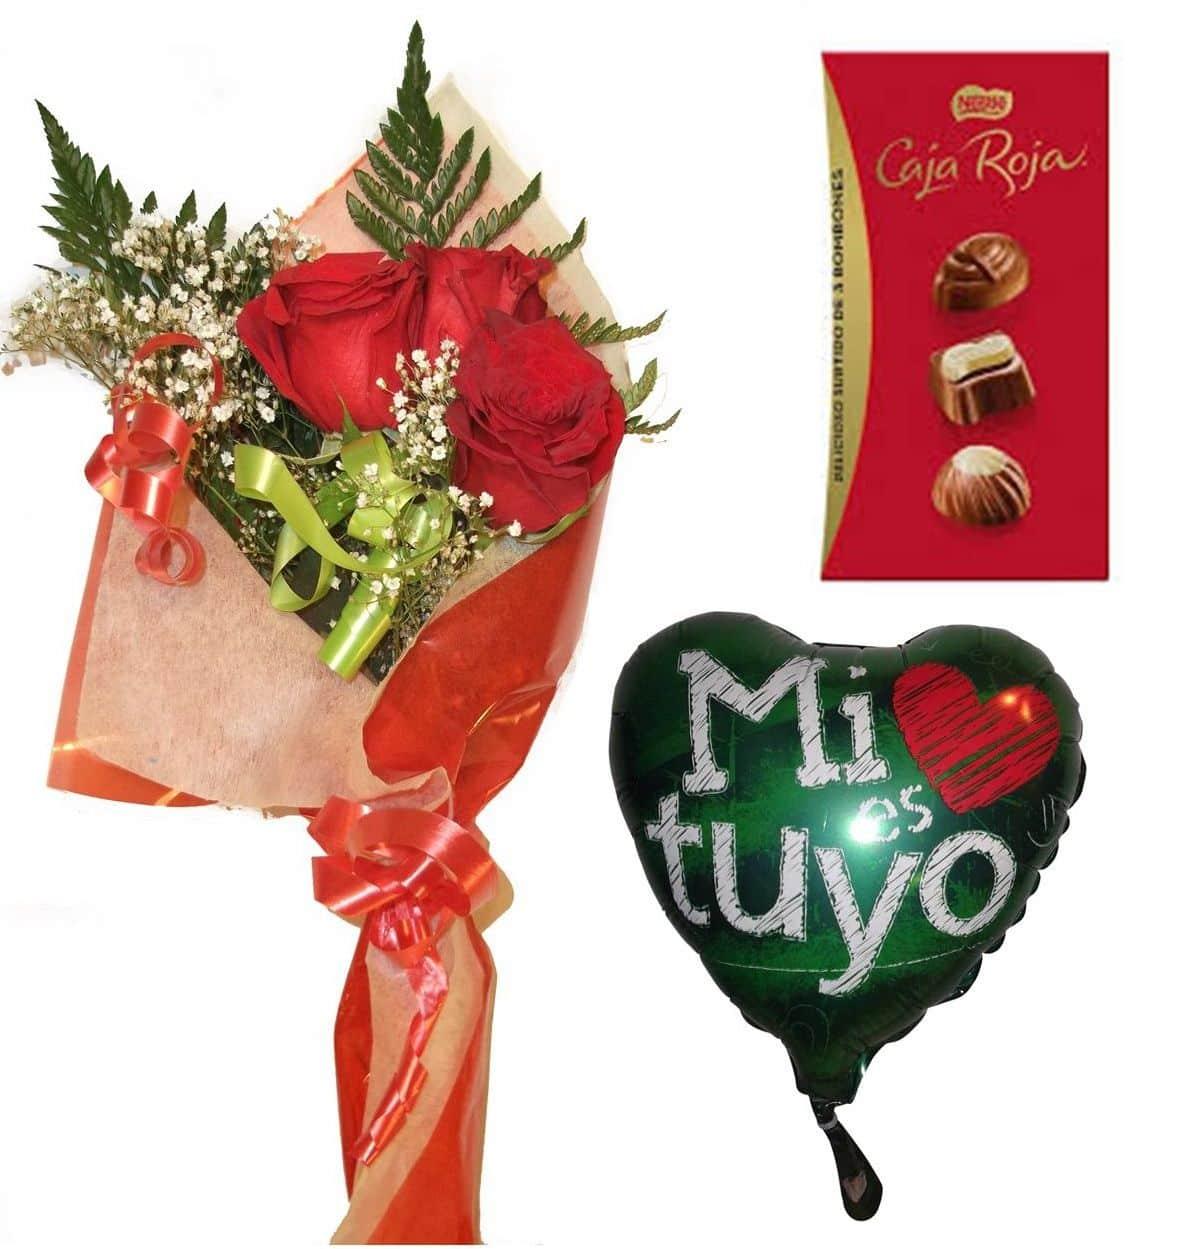 Envio de ramo de tres rosas a domicilio con bombones y globo a elegir